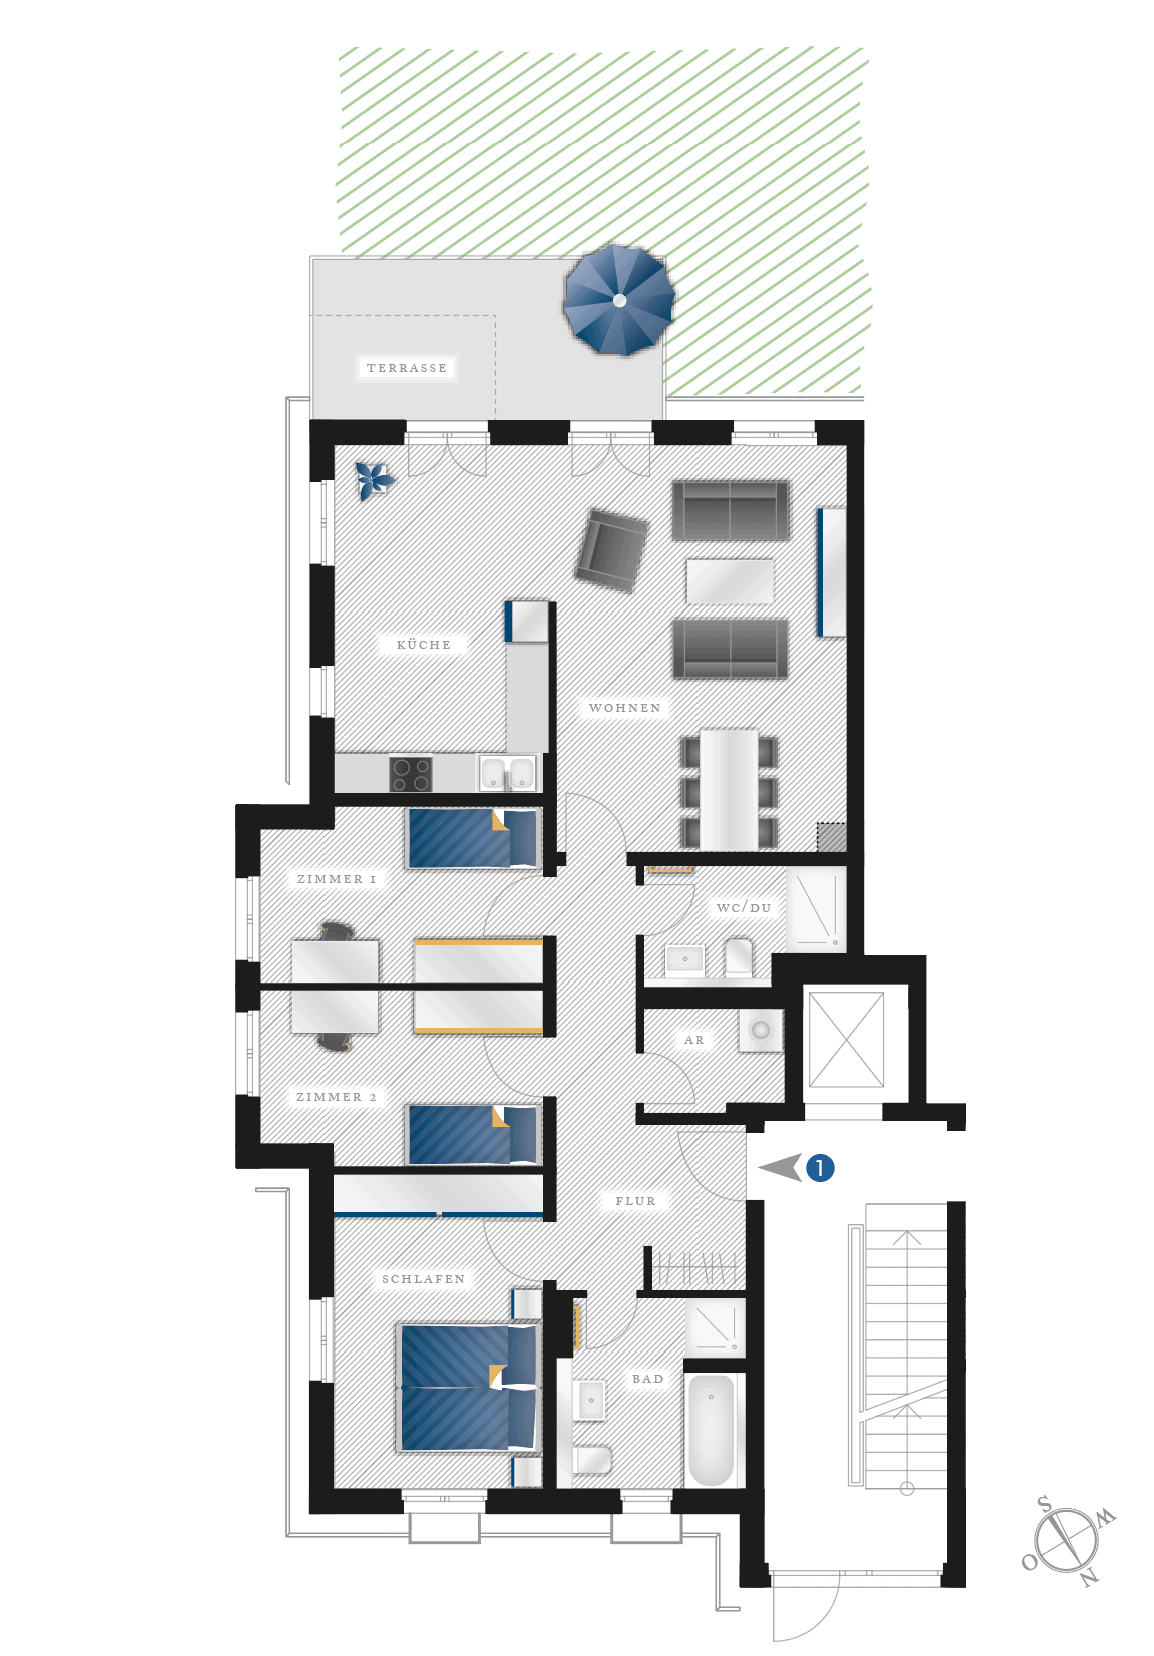 Grundriss Eigentumswohnung Heubnerstr. 18 a, b – Wohnung 01 mit Garten